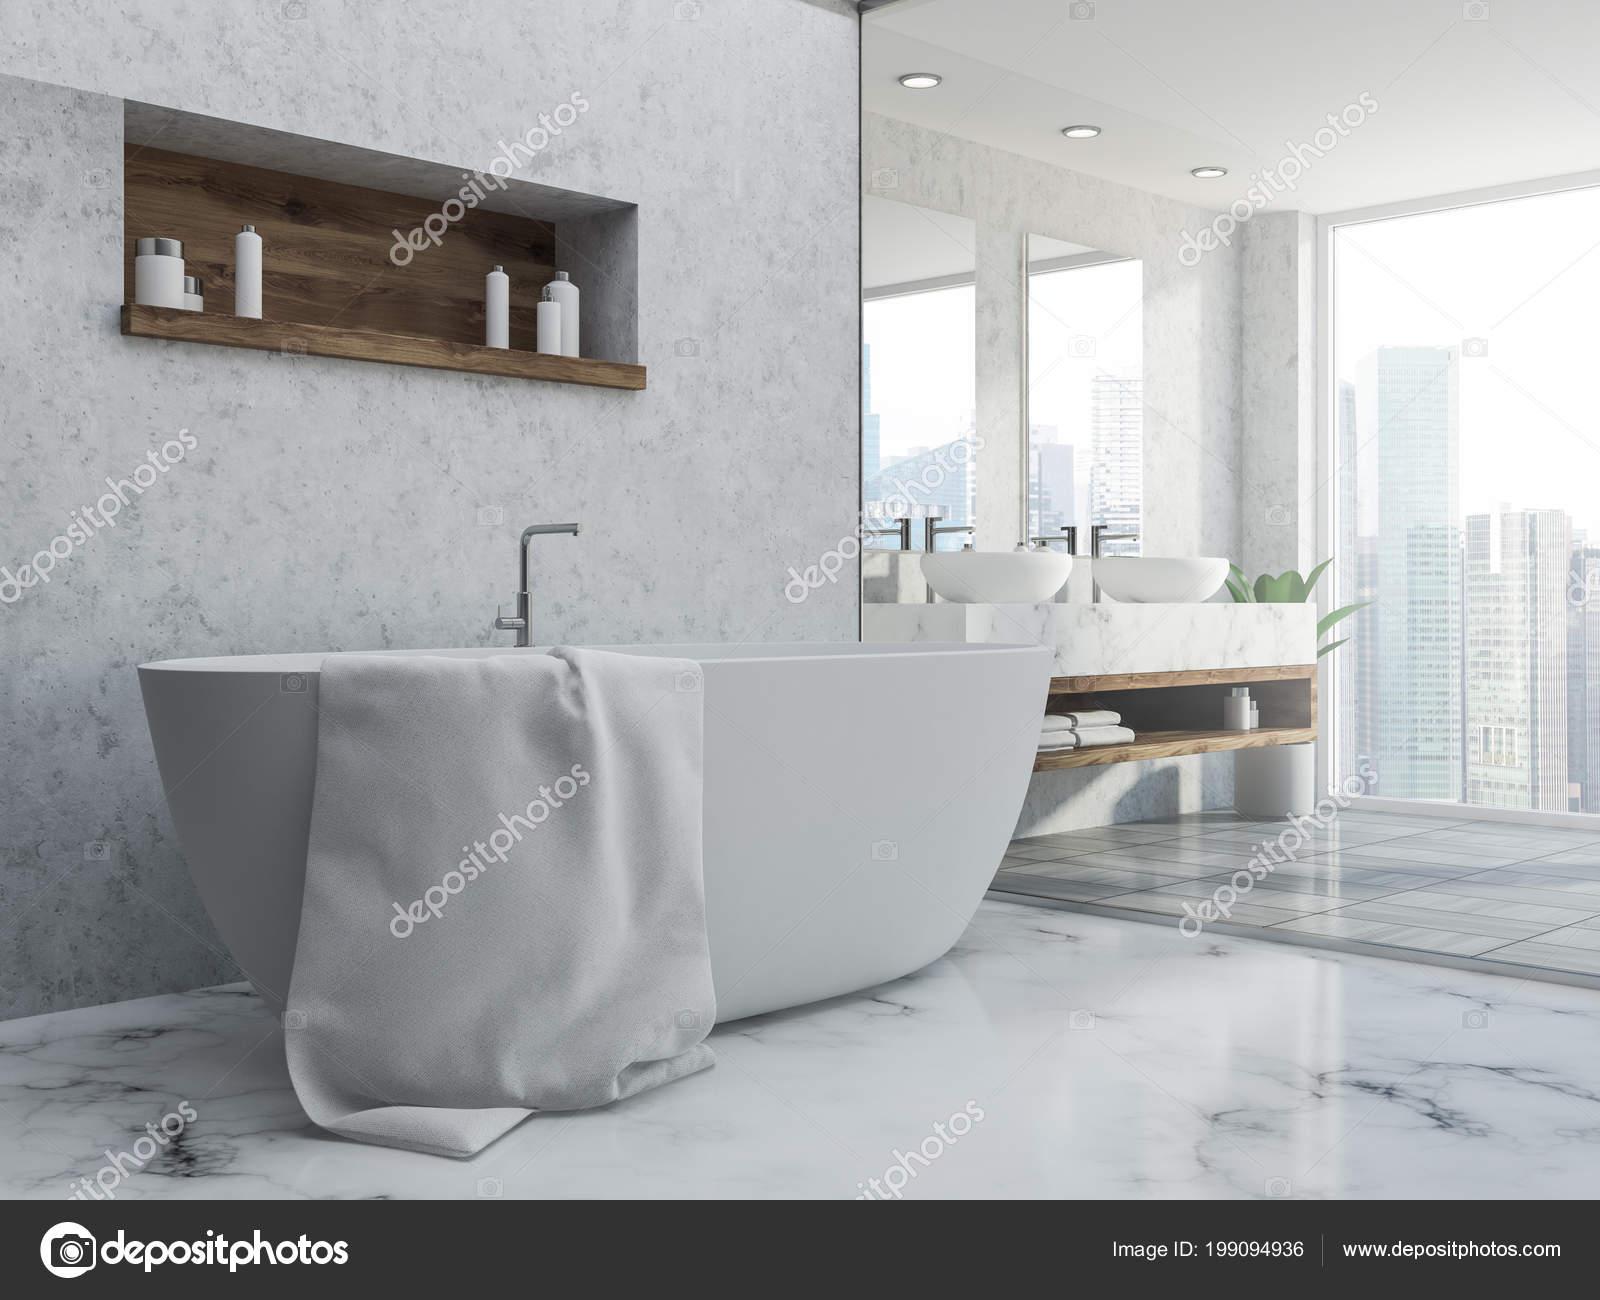 Marmeren Badkamer Vloer : Badkamer interieur met grijze wanden een marmeren vloer een witte